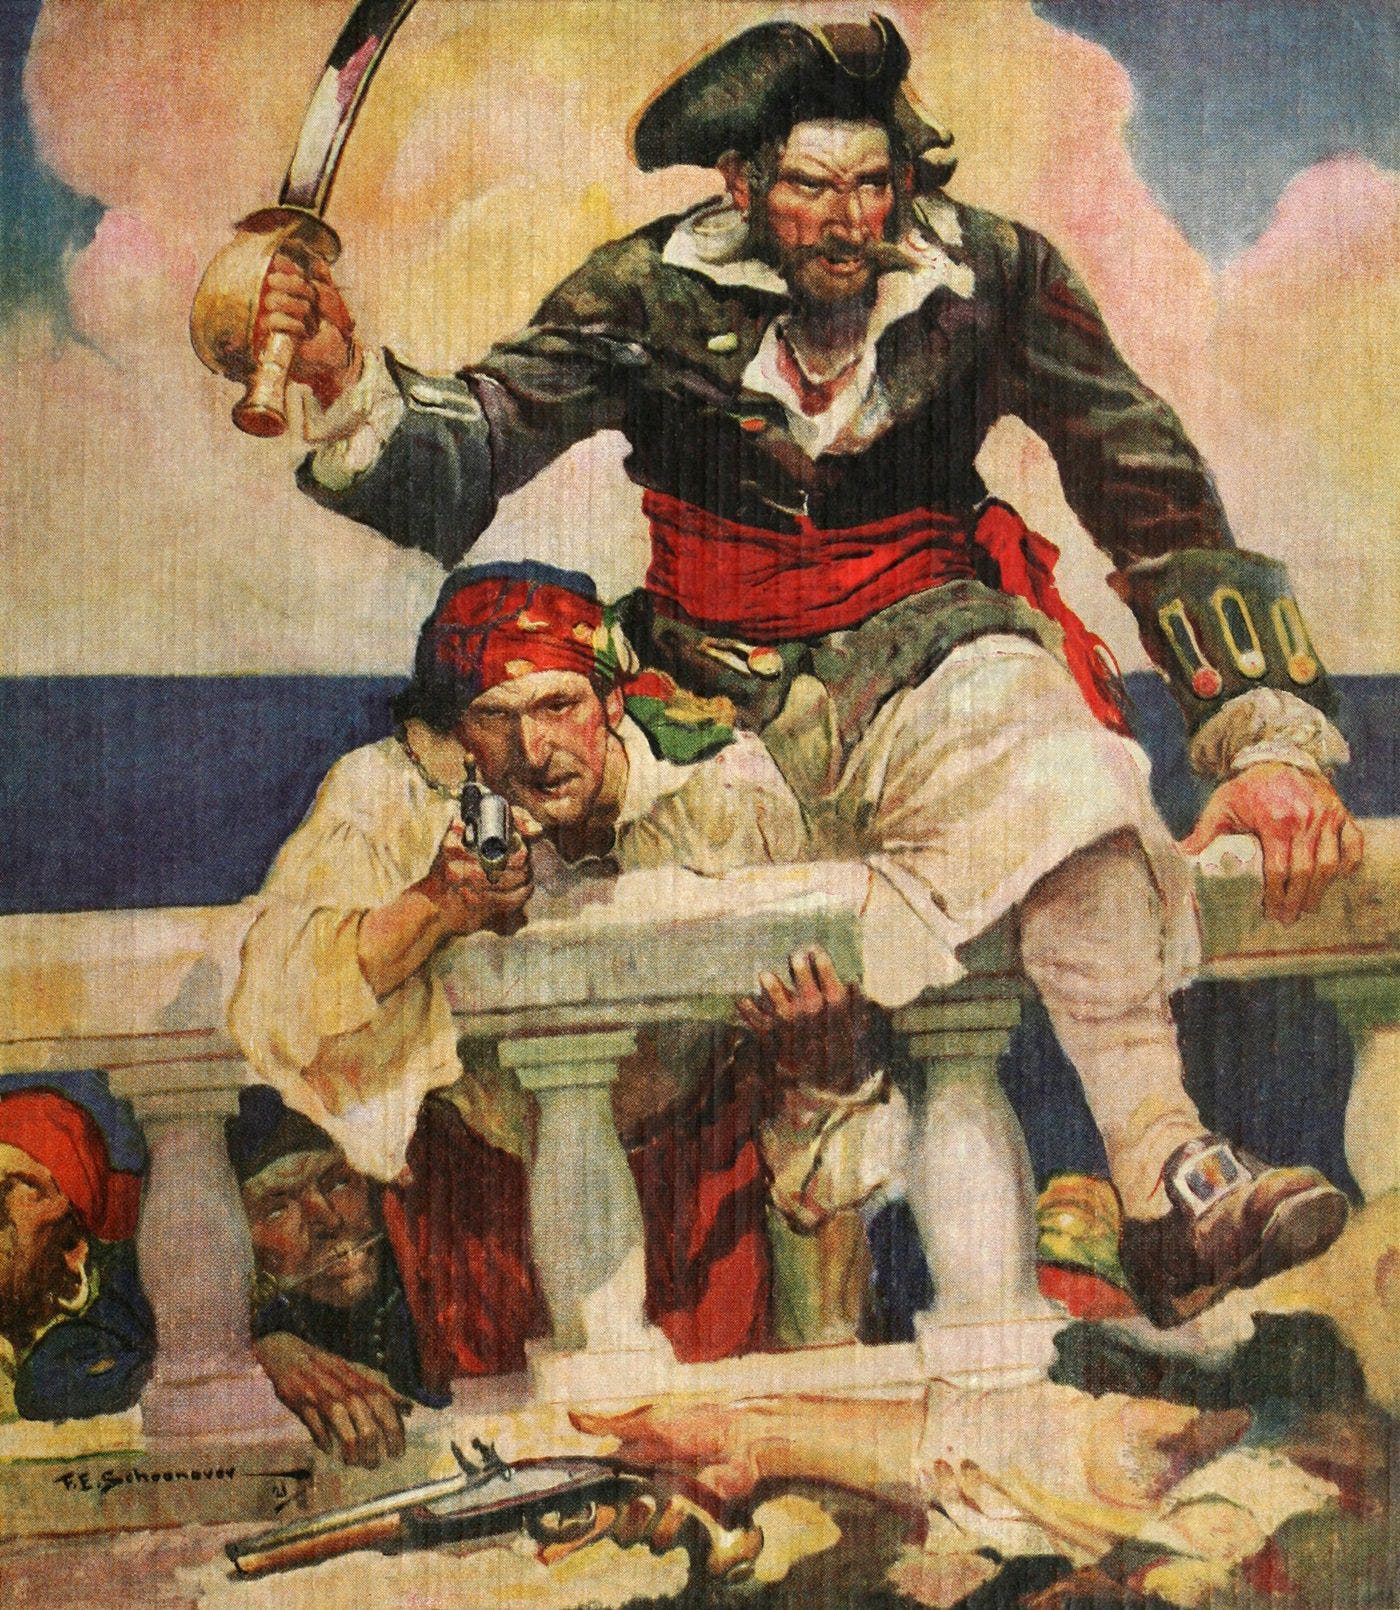 رسم تخيلي لعدد من القراصنة خلال القرن الثامن عشر